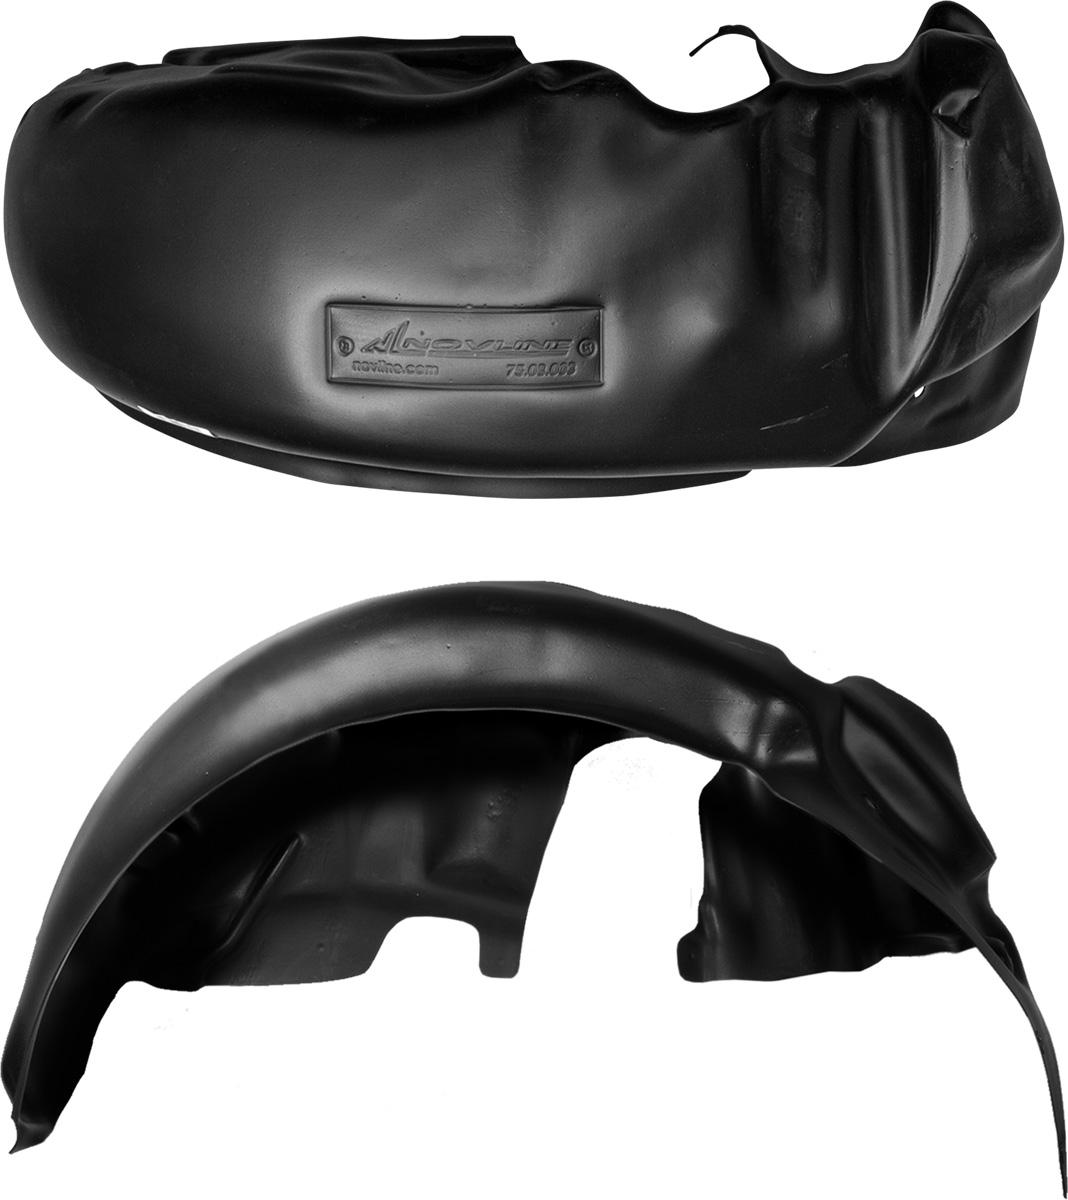 Подкрылок LADA Granta, 2011->, задний правый5104Колесные ниши – одни из самых уязвимых зон днища вашего автомобиля. Они постоянно подвергаются воздействию со стороны дороги. Лучшая, почти абсолютная защита для них - специально отформованные пластиковые кожухи, которые называются подкрылками, или локерами. Производятся они как для отечественных моделей автомобилей, так и для иномарок. Подкрылки выполнены из высококачественного, экологически чистого пластика. Обеспечивают надежную защиту кузова автомобиля от пескоструйного эффекта и негативного влияния, агрессивных антигололедных реагентов. Пластик обладает более низкой теплопроводностью, чем металл, поэтому в зимний период эксплуатации использование пластиковых подкрылков позволяет лучше защитить колесные ниши от налипания снега и образования наледи. Оригинальность конструкции подчеркивает элегантность автомобиля, бережно защищает нанесенное на днище кузова антикоррозийное покрытие и позволяет осуществить крепление подкрылков внутри колесной арки практически без дополнительного крепежа и сверления, не нарушая при этом лакокрасочного покрытия, что предотвращает возникновение новых очагов коррозии. Технология крепления подкрылков на иномарки принципиально отличается от крепления на российские автомобили и разрабатывается индивидуально для каждой модели автомобиля. Подкрылки долговечны, обладают высокой прочностью и сохраняют заданную форму, а также все свои физико-механические характеристики в самых тяжелых климатических условиях ( от -50° С до + 50° С).